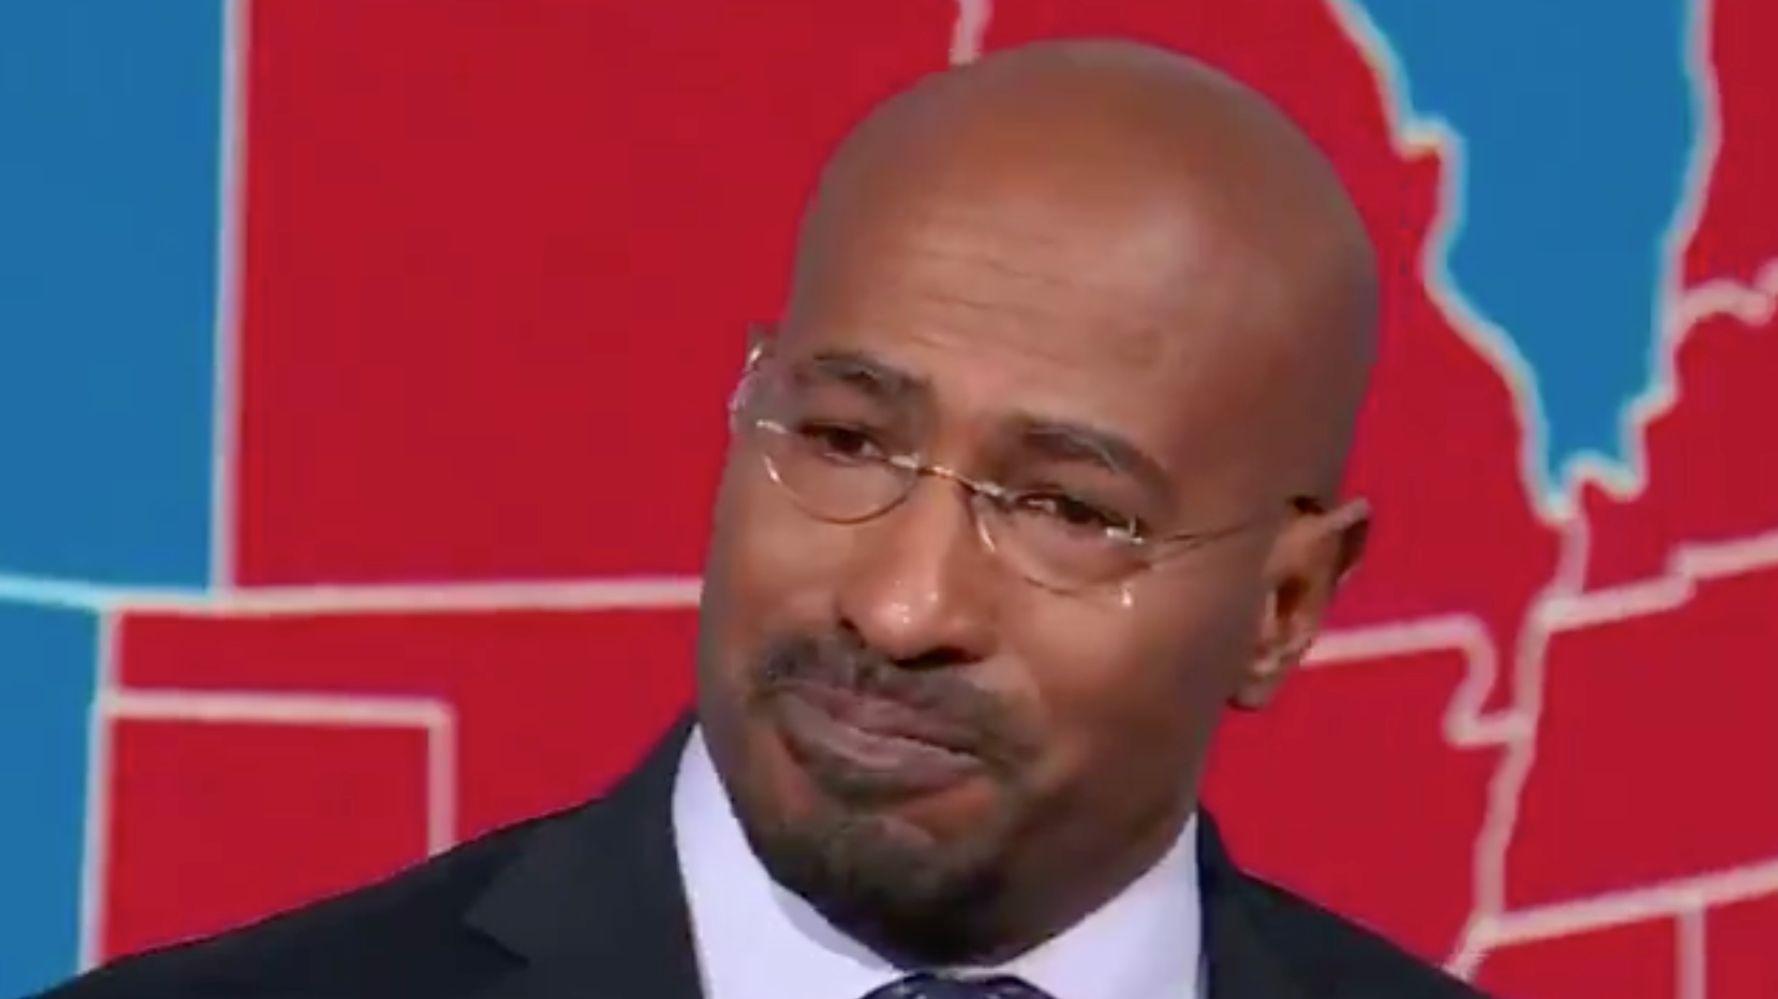 CNN Host Van Jones Moved To Tears Over Biden's Win